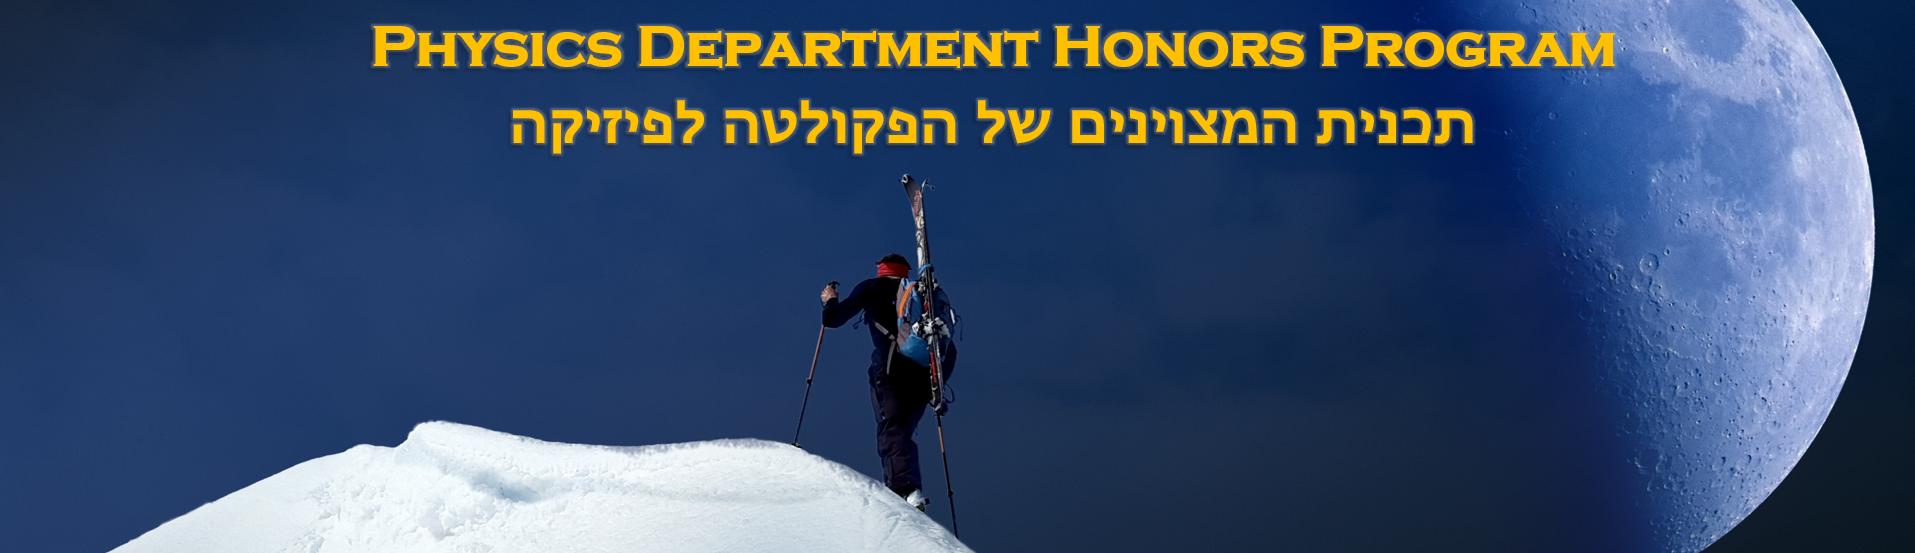 honor program